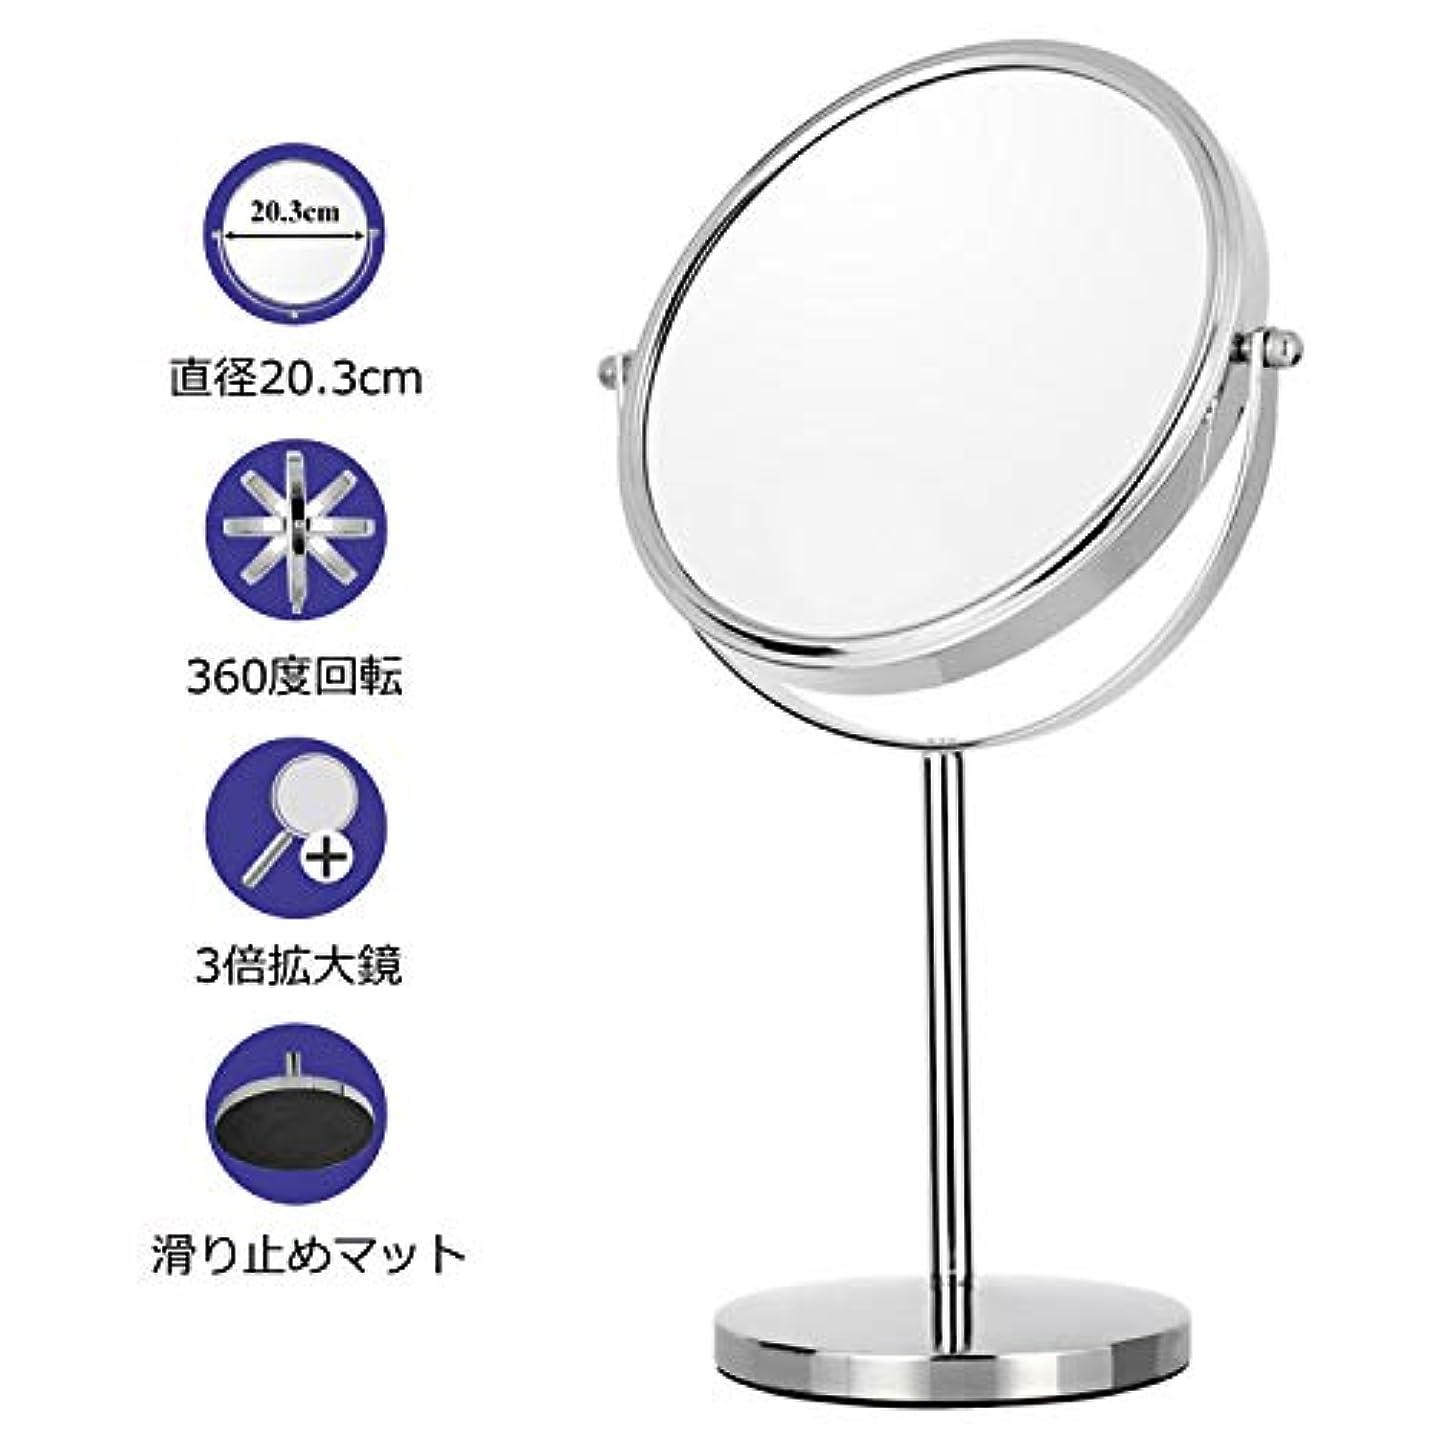 置換注釈を付ける開梱鏡 卓上 拡大鏡付き 3倍卓上鏡 真実の両面鏡 浴室鏡 ミラー 360度回転 スタンドミラー クロム 鏡 (鏡面23.2cm)